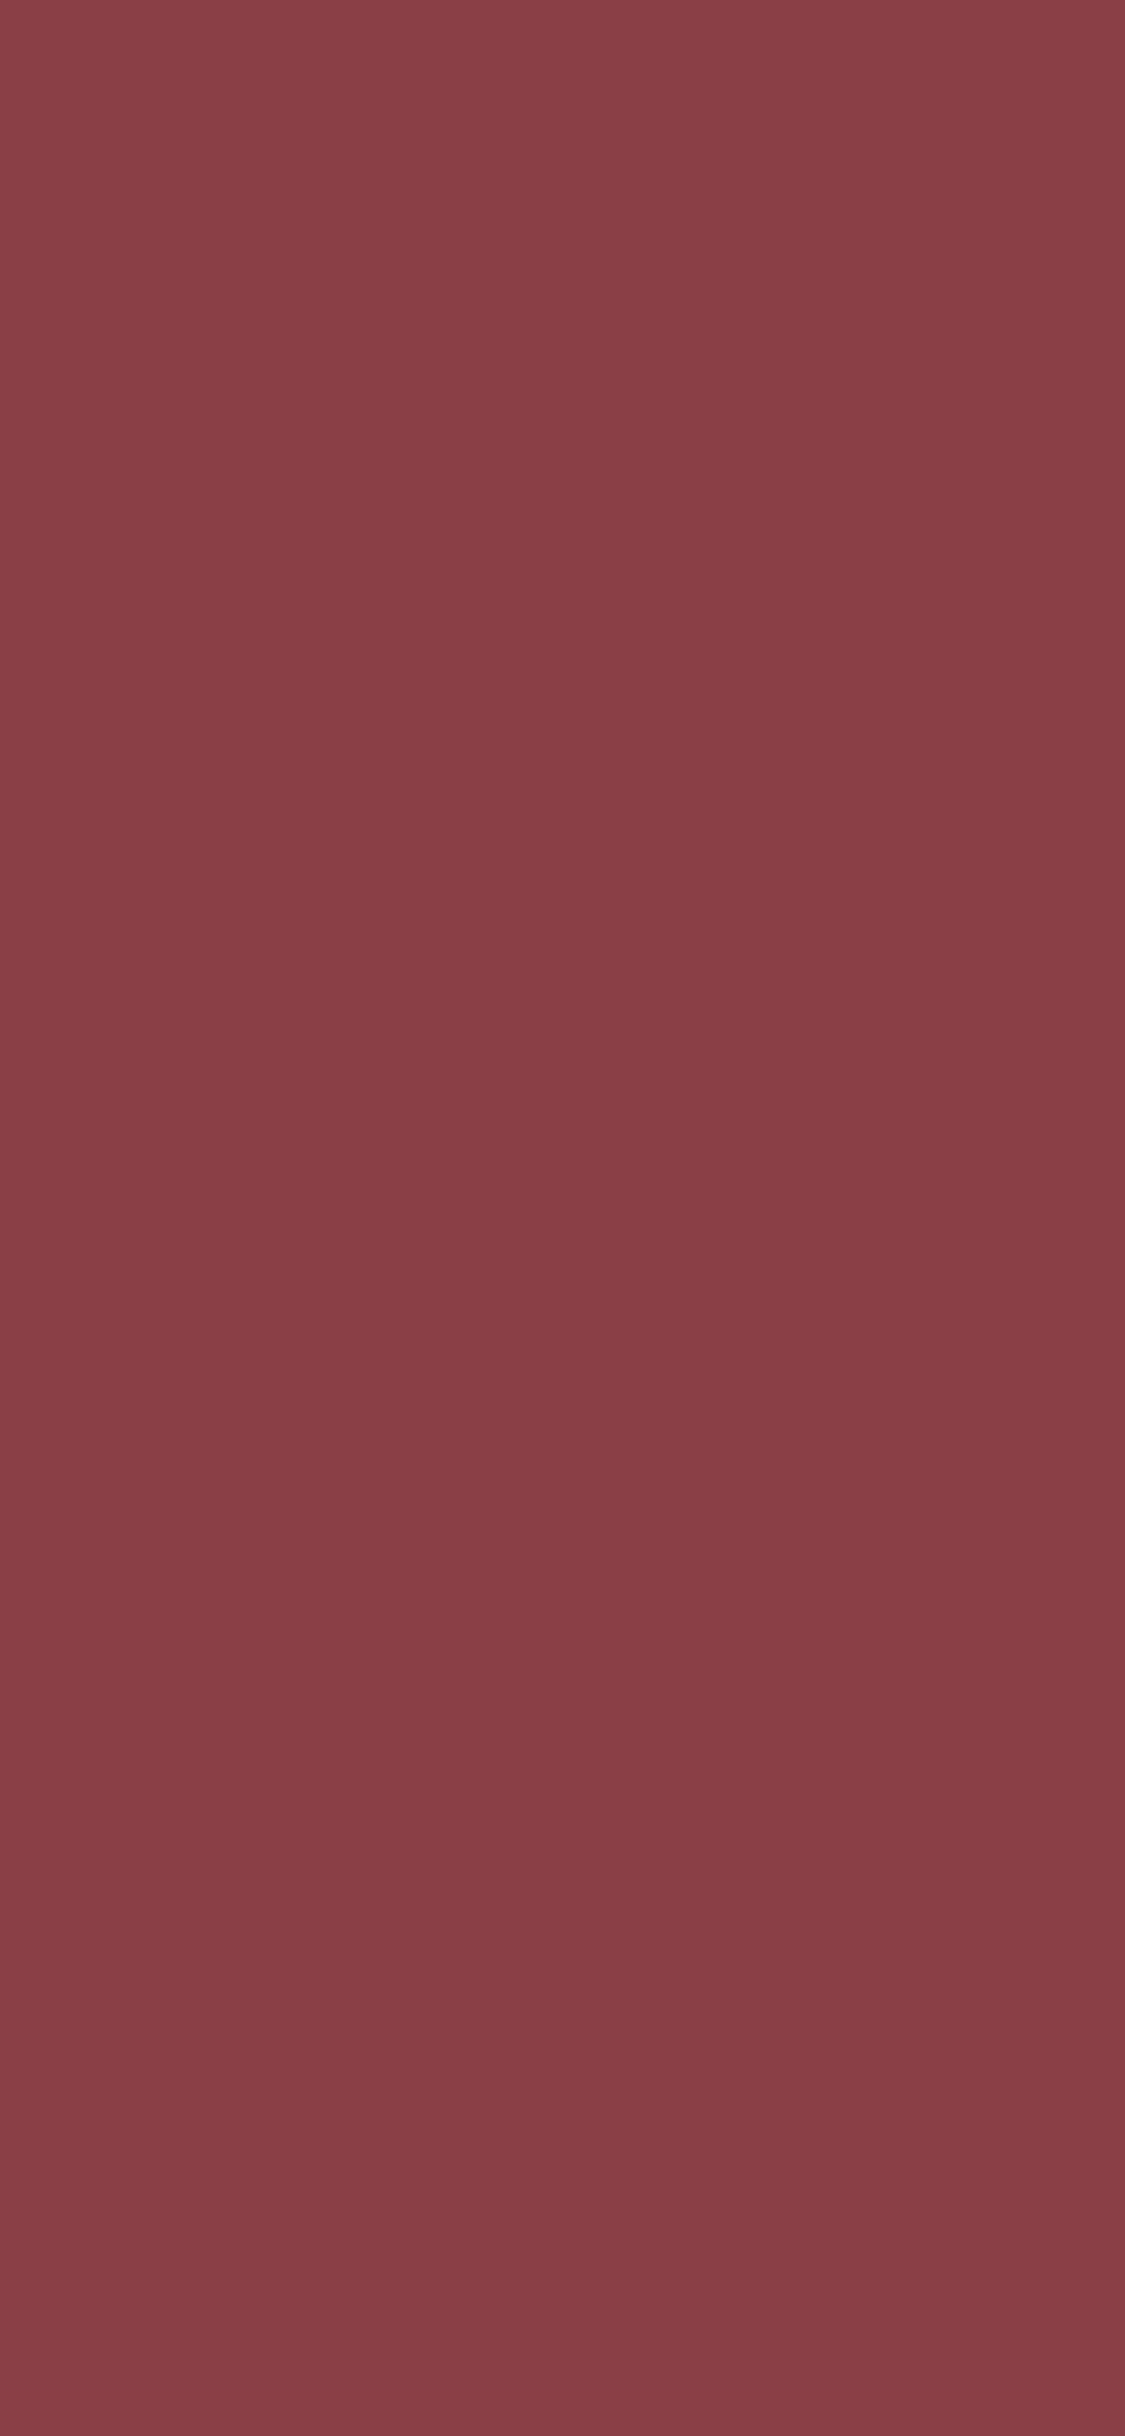 1125x2436 Cordovan Solid Color Background